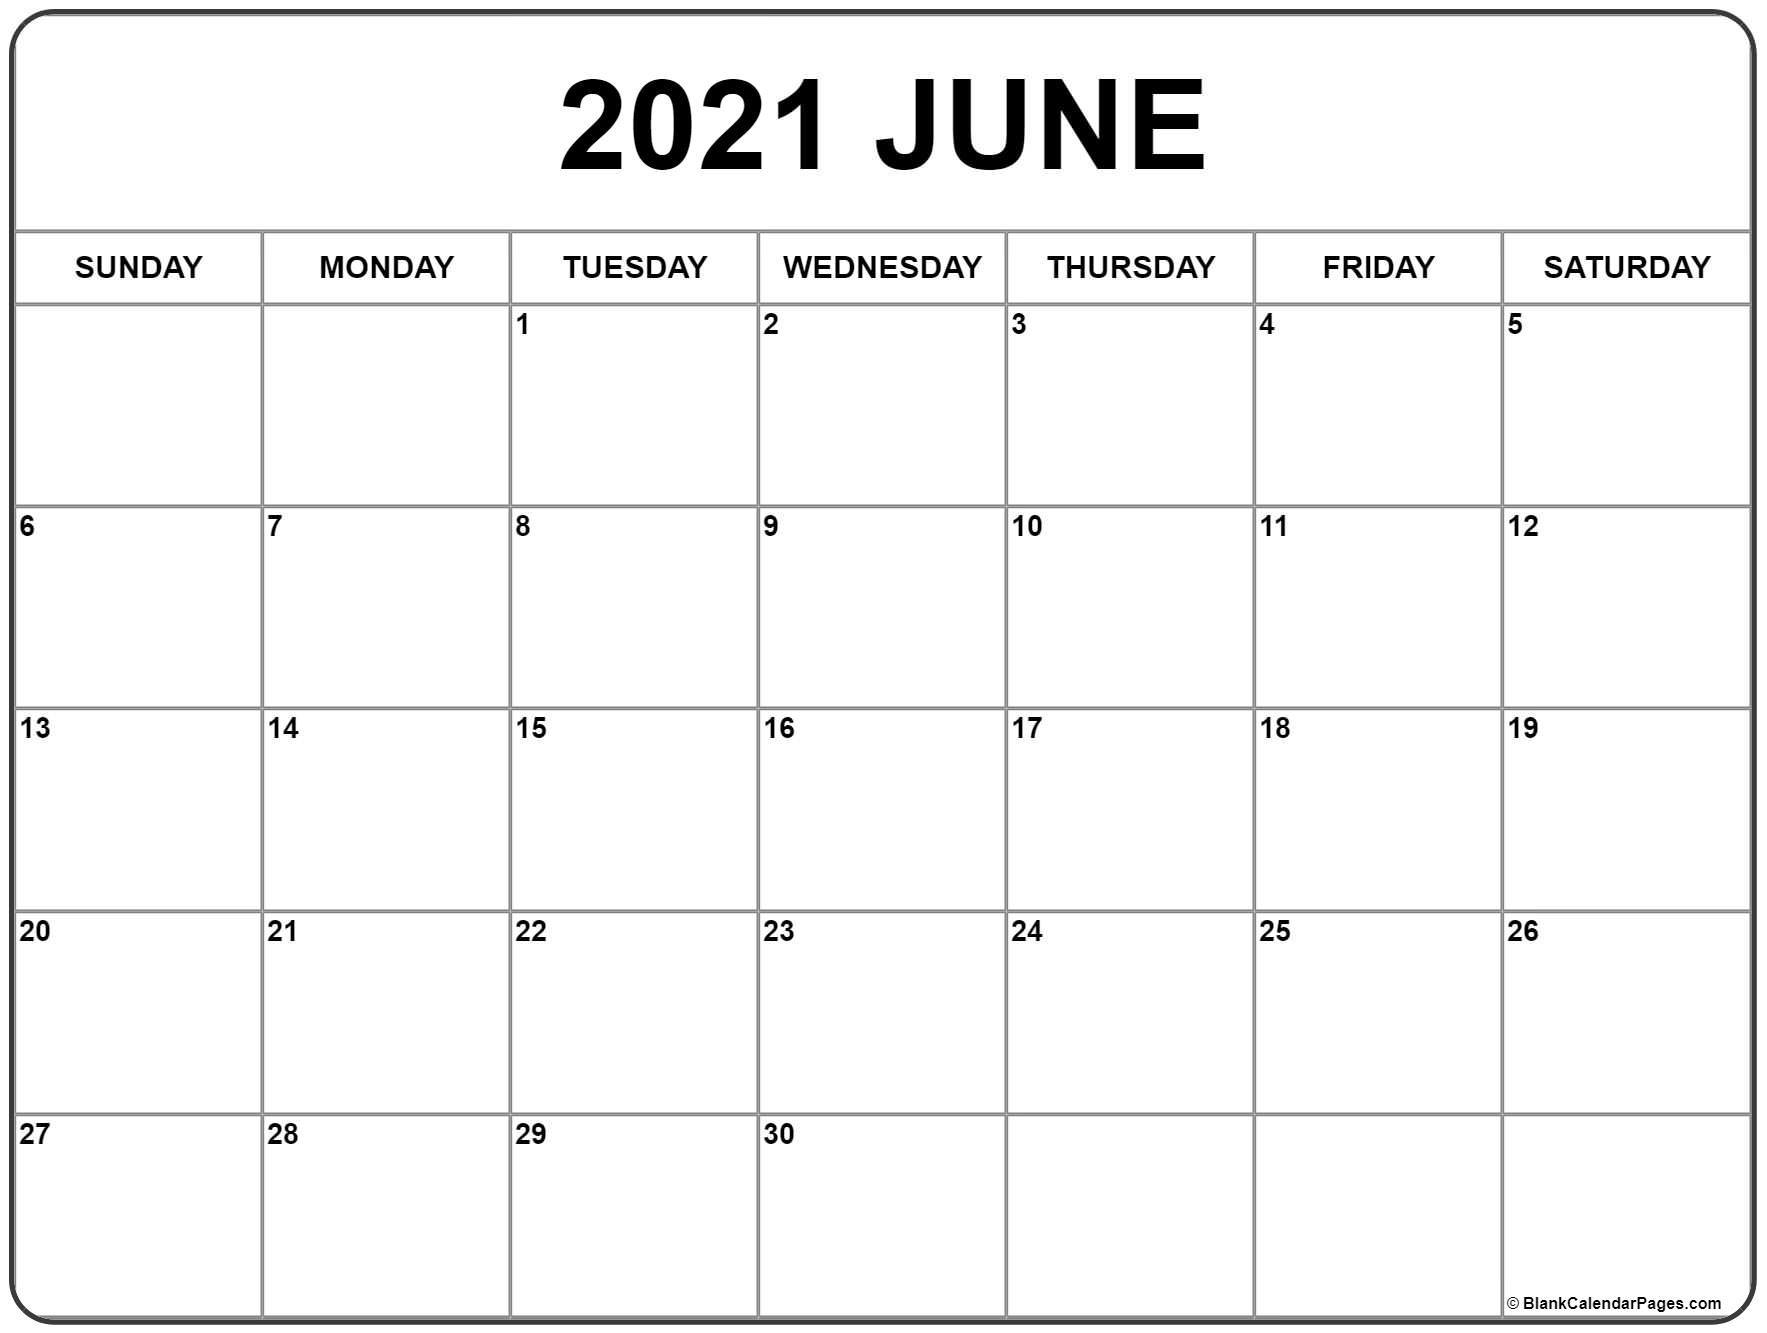 June 2021 Calendar | Free Printable Monthly Calendars  June 2020-June 2021 Calendar